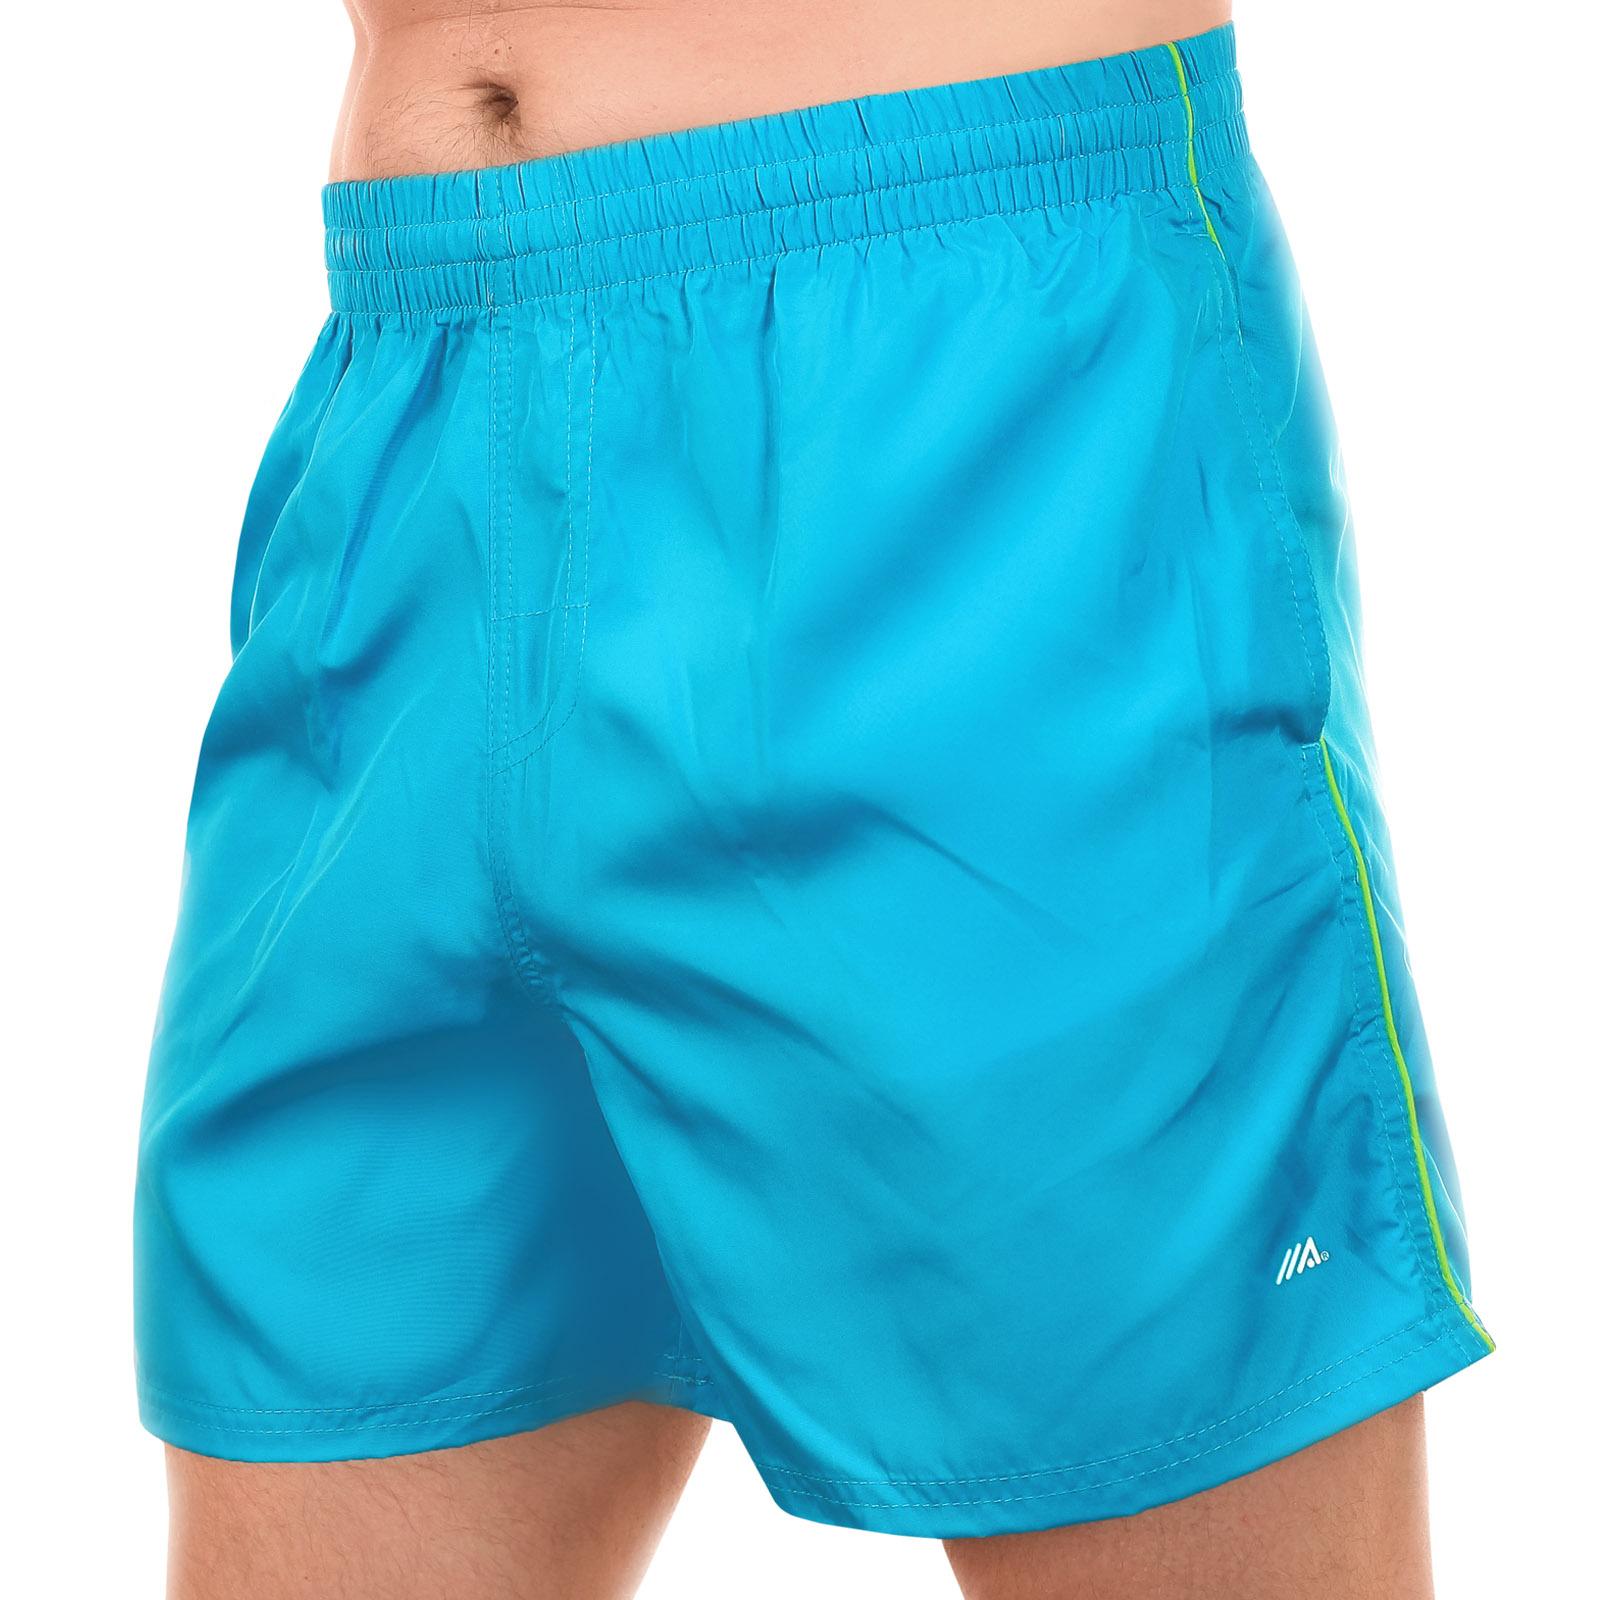 Интригующие мужские шорты от MACE для пляжных знакомств (Канада)